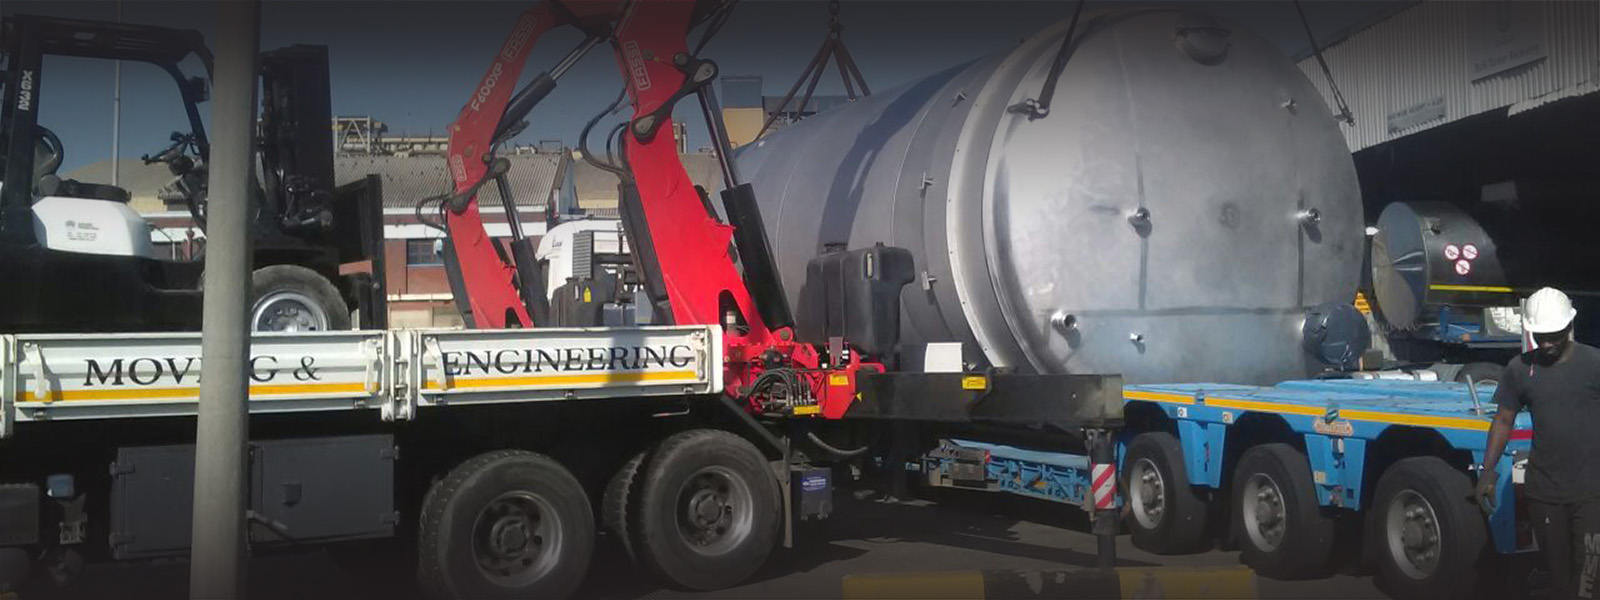 mme-Machine-Moving-Engineering-machinery-equipment-Gauteng-KwaZulu-Natal